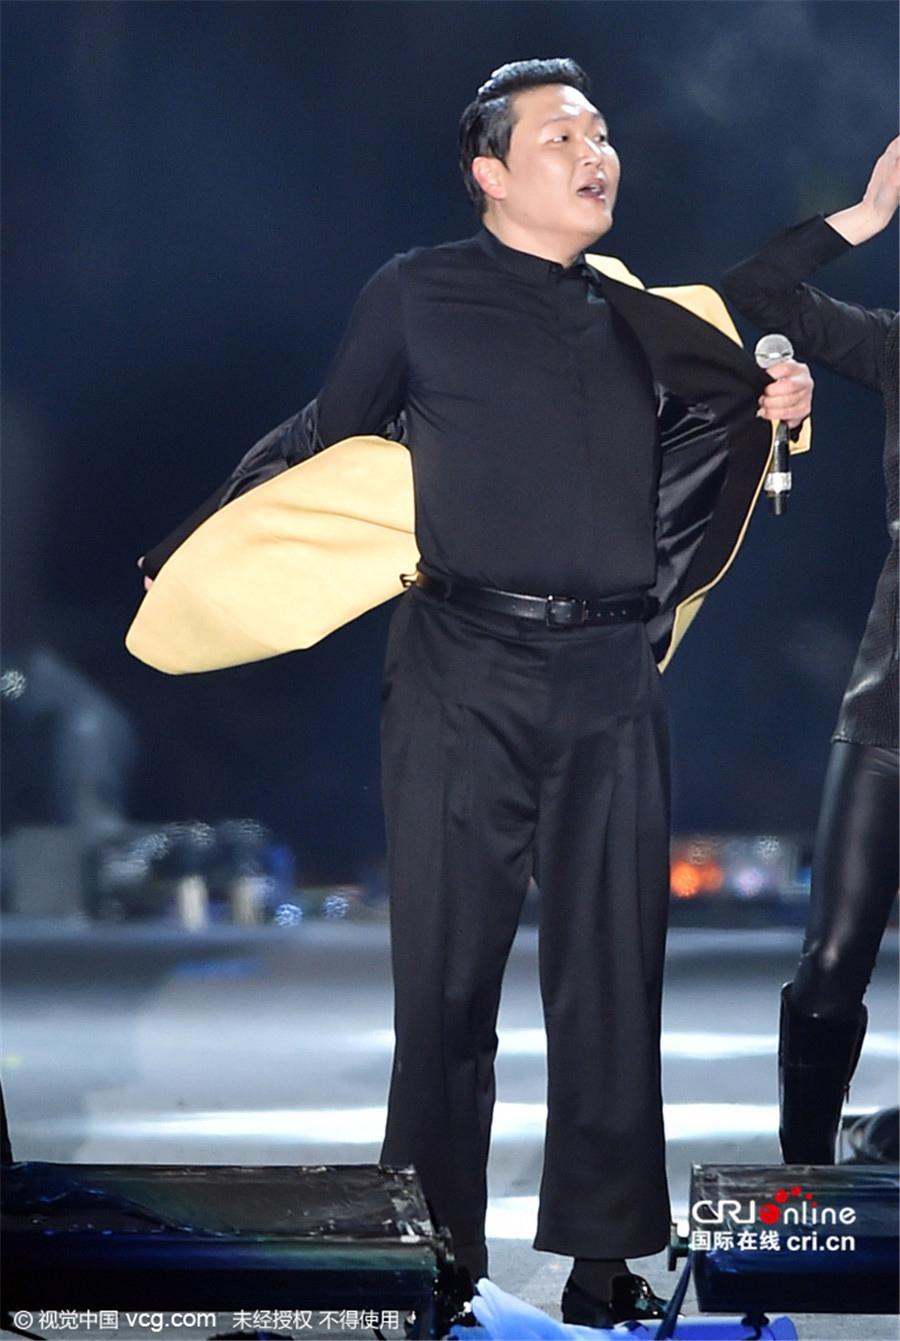 鸟叔PSY跨年夜开唱当众脱衣 带领全场粉丝大跳骑马舞